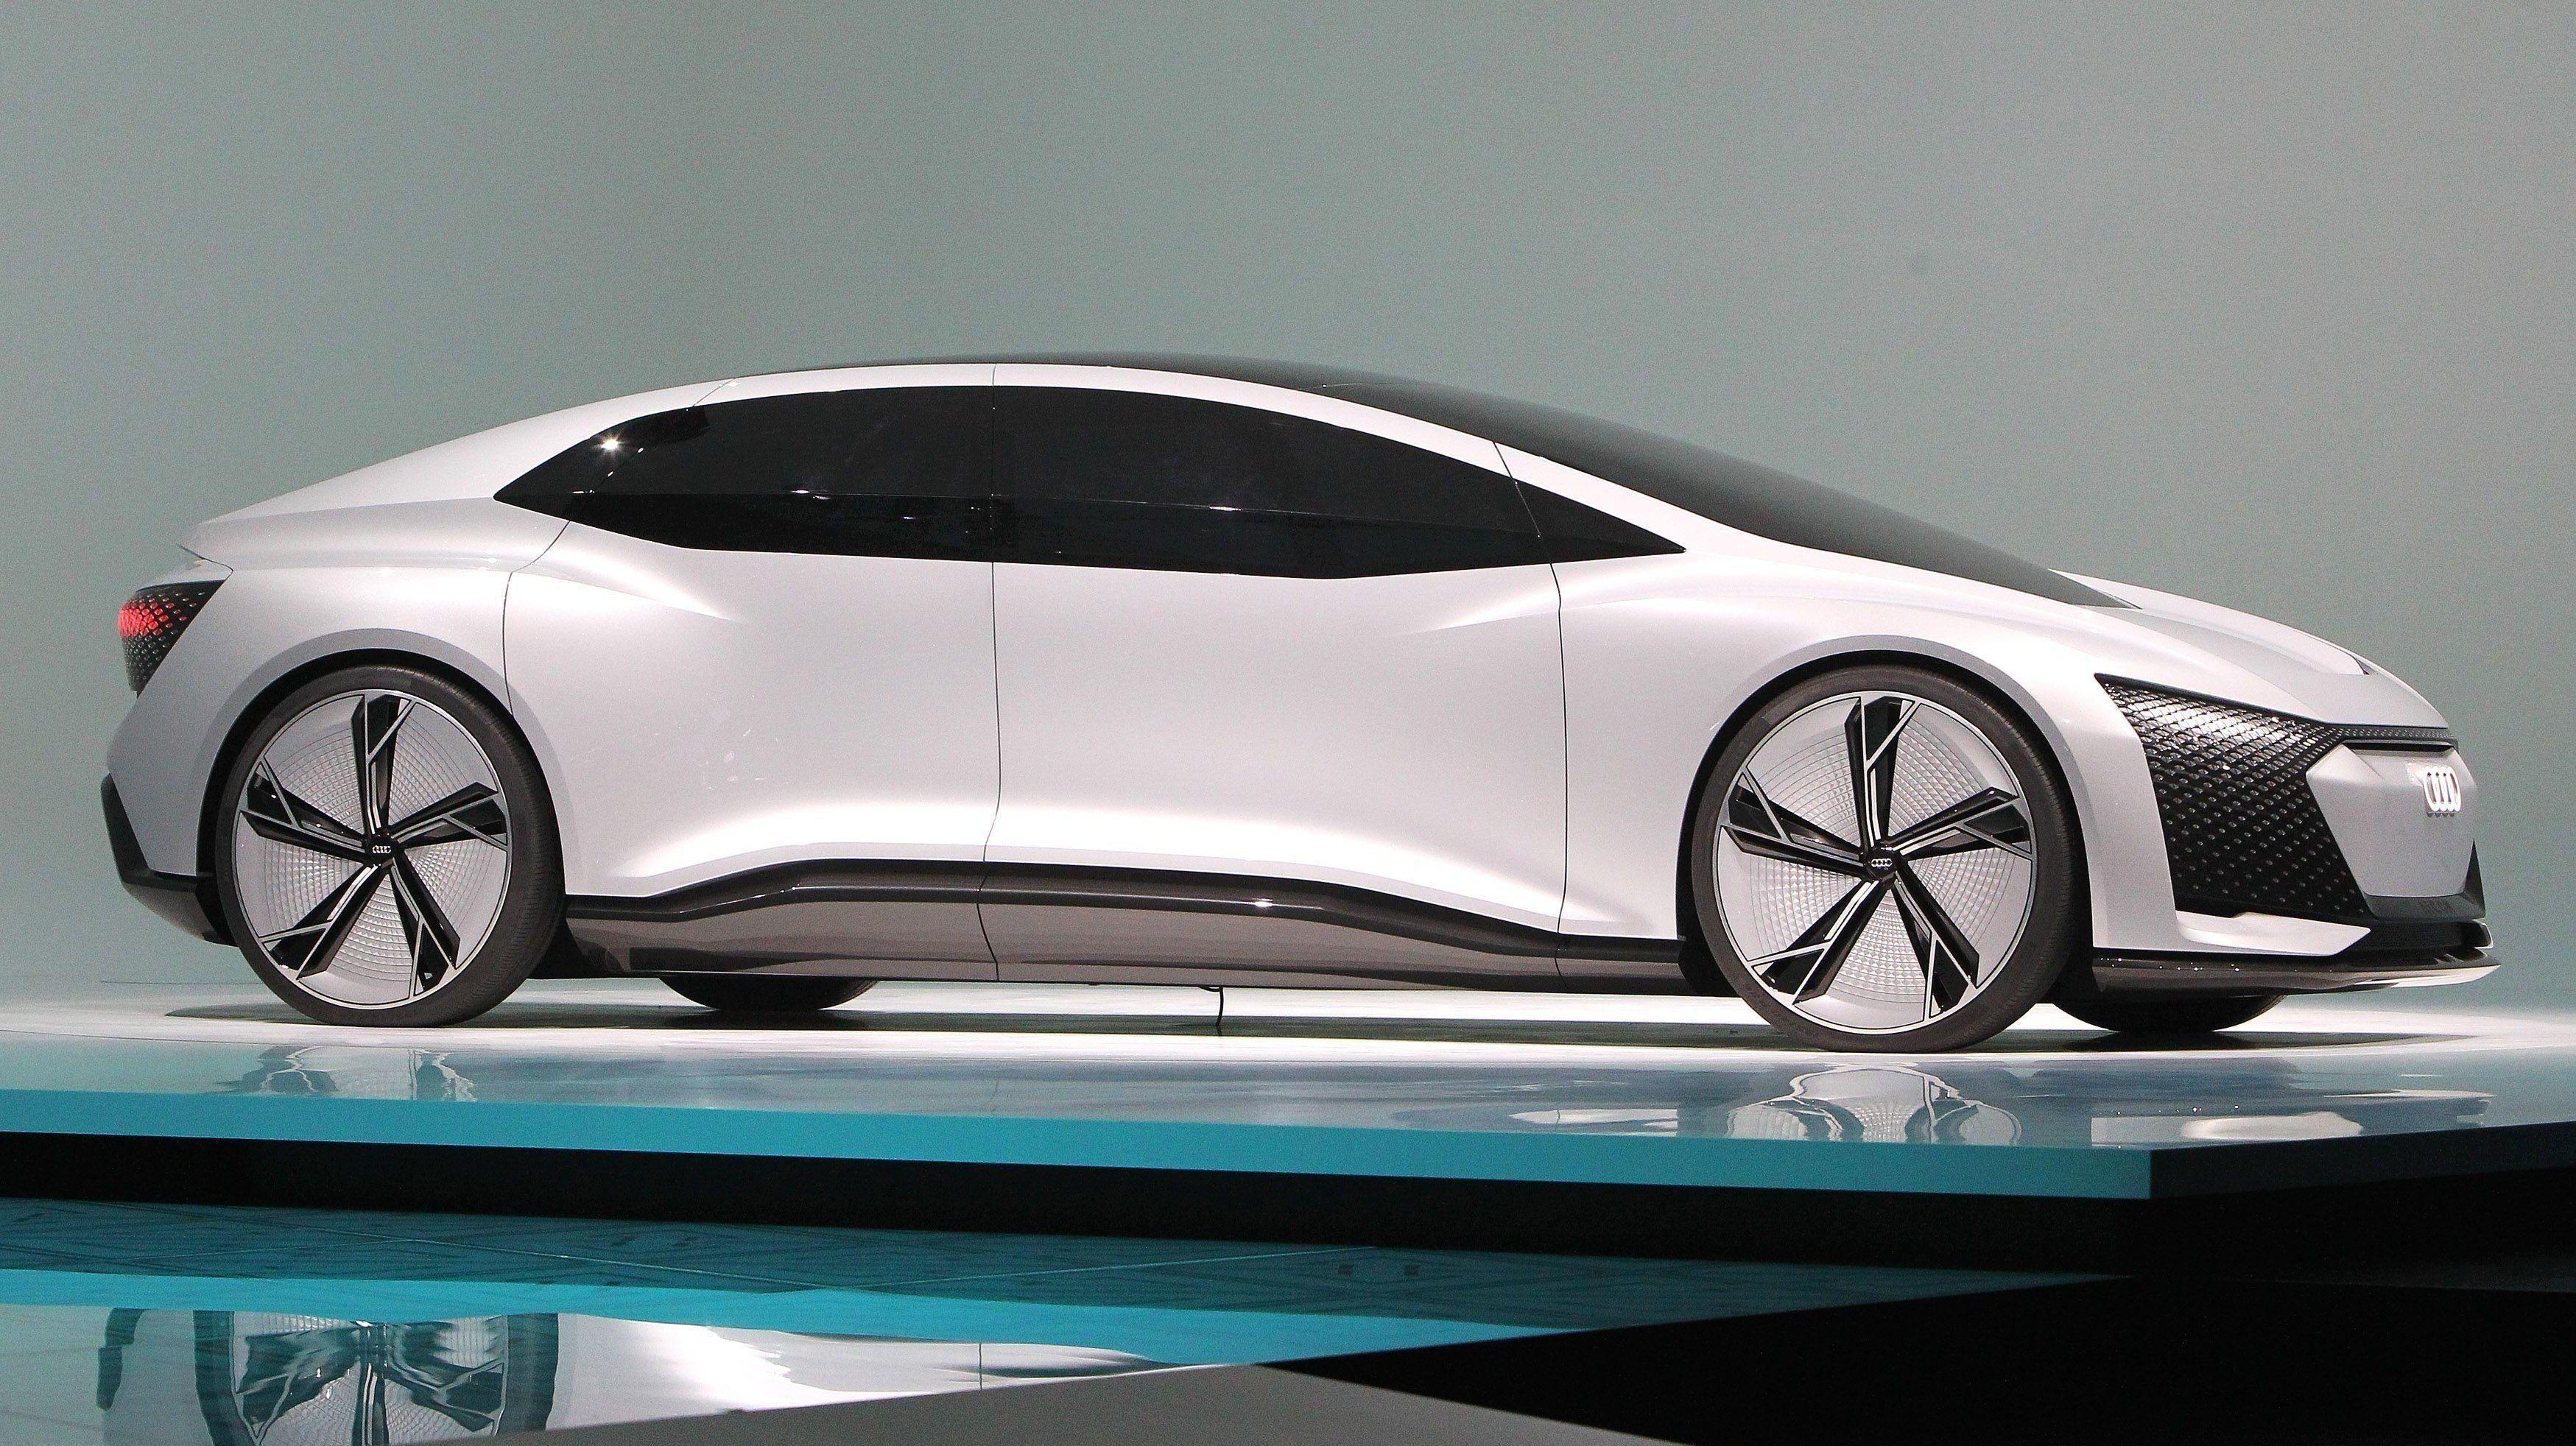 AUDI AICON: De besøkende på motormessen i Frankfurt snur seg etter Audis nye elbilkonsept. Men det er ingen grunn å tro at den snur hoder på gaten med det første.